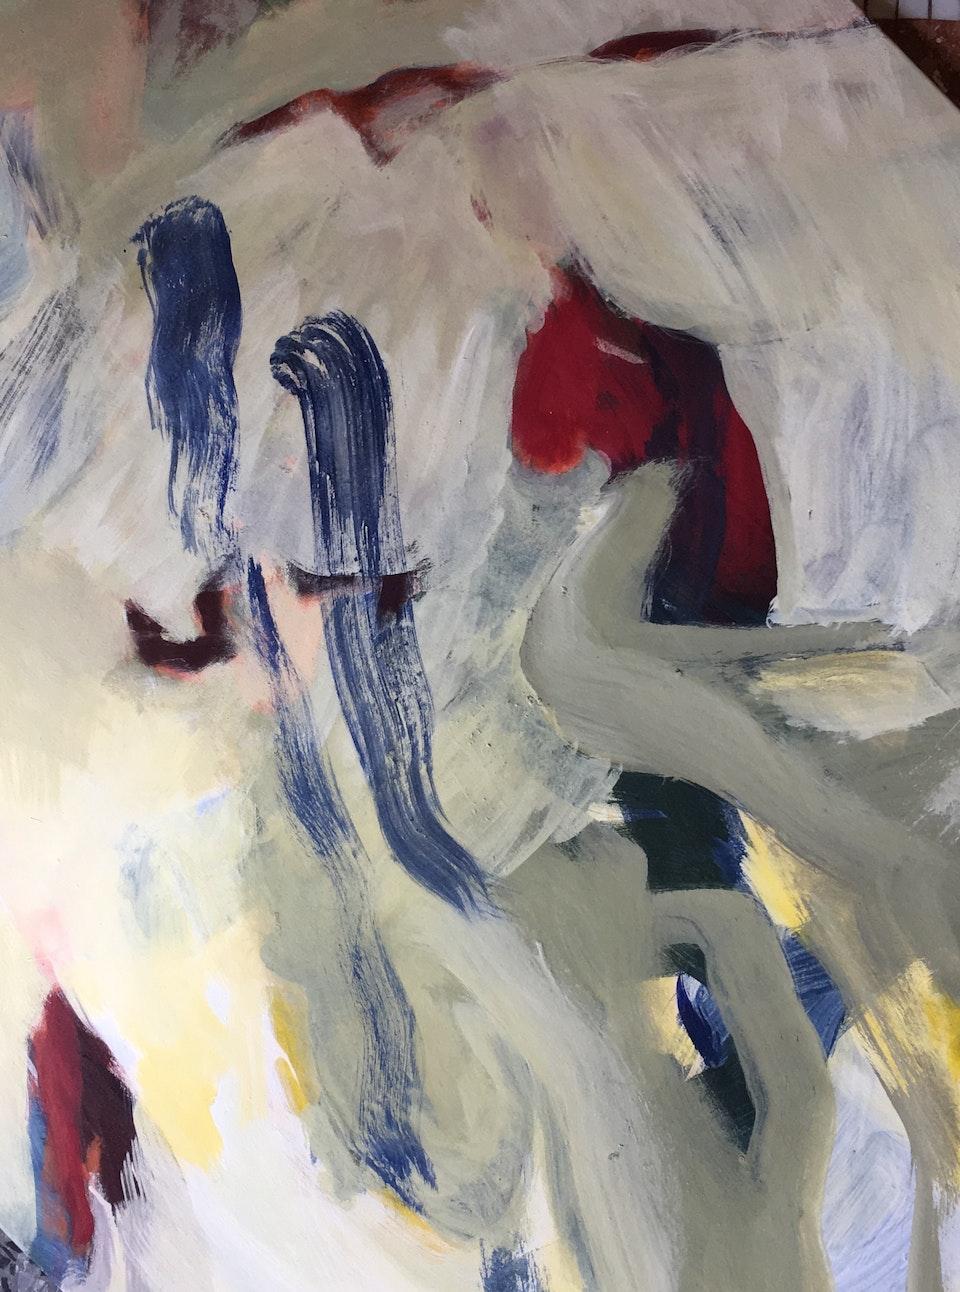 Maleri 1 - 130 x 97 cm Tivoli 2018